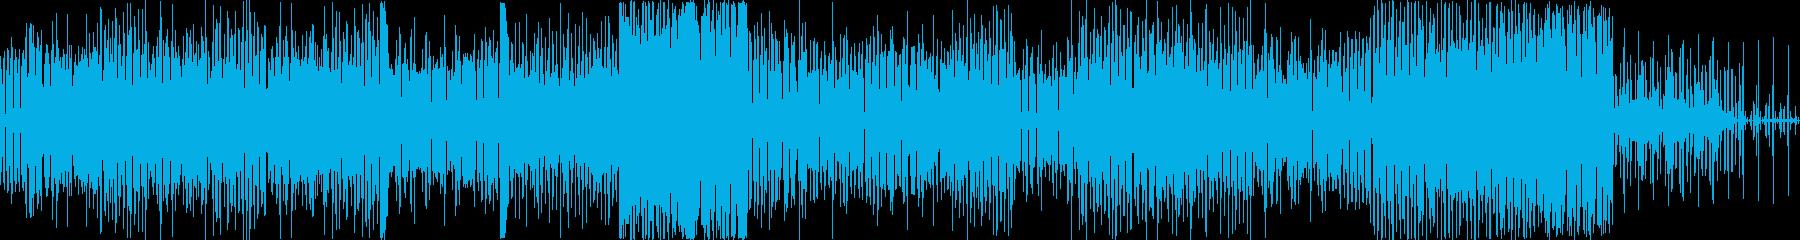 インストゥルメンタル、ヒップホップ...の再生済みの波形